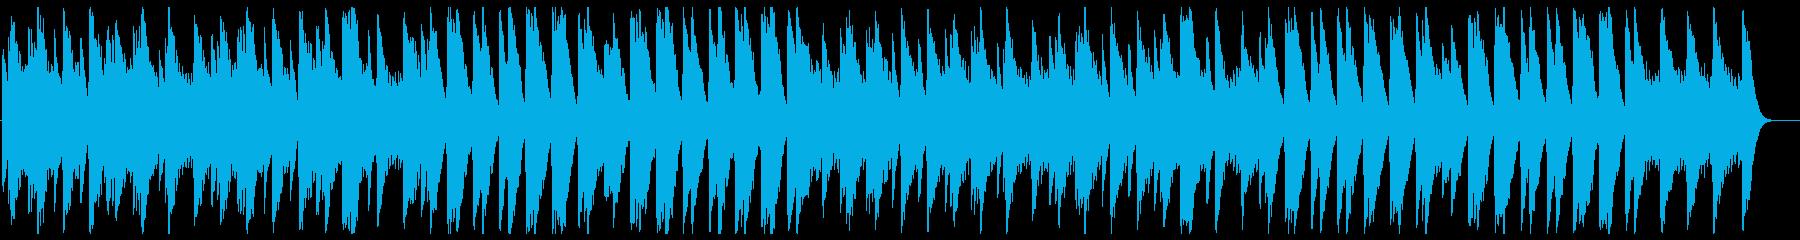 アメイジング・グレイス  オルゴールの再生済みの波形